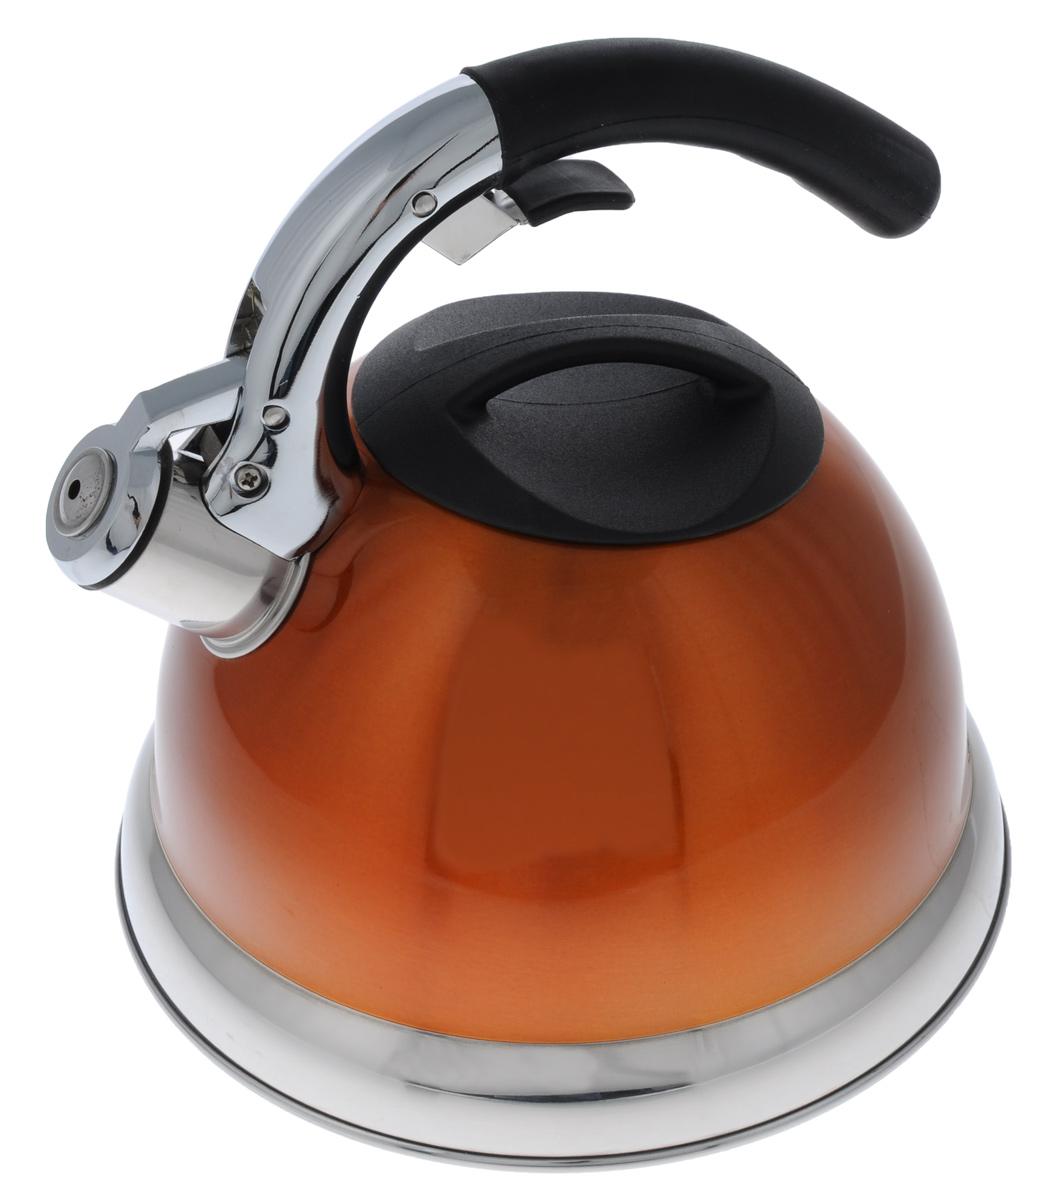 Чайник Mayer & Boch De Luxe со свистком, цвет: оранжевый, 3 л. 3113-23113-2Чайник Mayer & Boch De Luxe изготовлен изнержавеющей стали, что делает егогигиеничным и устойчивым к износу придлительном использовании. Эмалевая внешняяповерхность придает чайнику стильный внешнийвид. Гладкая и ровная поверхность существеннооблегчает уход за посудой. Чайник прикипячении сохраняет все полезные свойстваводы. Изделие снабжено свистком, который подскажет,когда закипела вода. Удобная эргономичнаяручка с прорезиненным покрытием обеспечиваетудобный захват. Свисток поднимается с помощьюспециального рычага на ручке чайника. Чайник подходит для всех типов плит, кромеиндукционных. Можно мыть в посудомоечноймашине. Диаметр отверстия (по верхнему краю): 10 см.Высота (без учета ручки): 13,5 см. Высота (с учетом ручки): 22 см. Диаметр основания: 22 см.